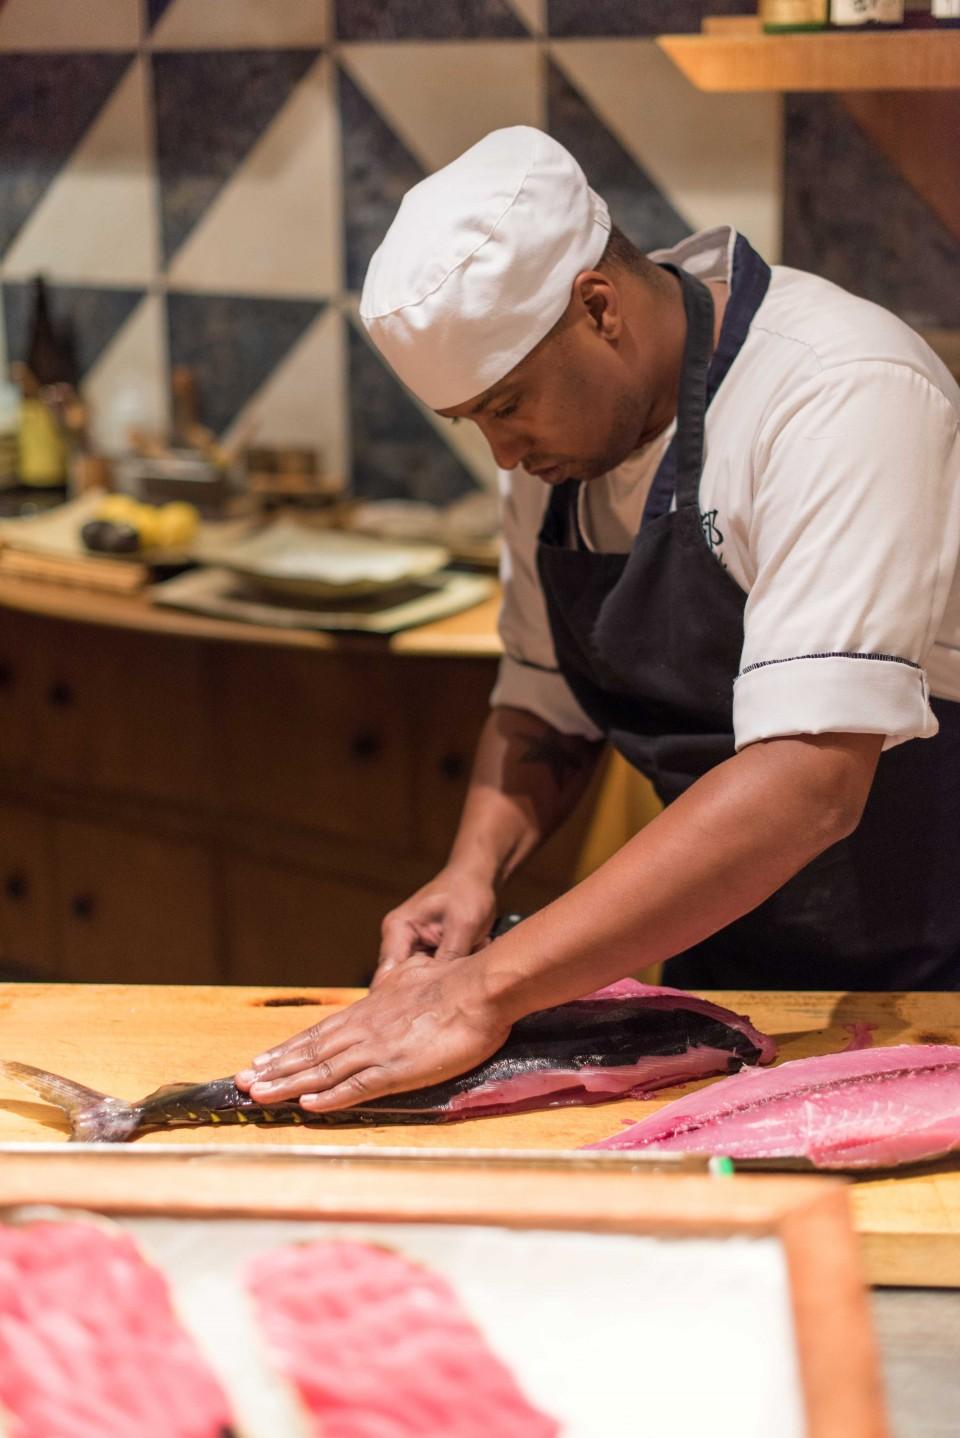 일식당 미야꼬에서는 생참치를 맛볼 수 있다. ©사이판관광청